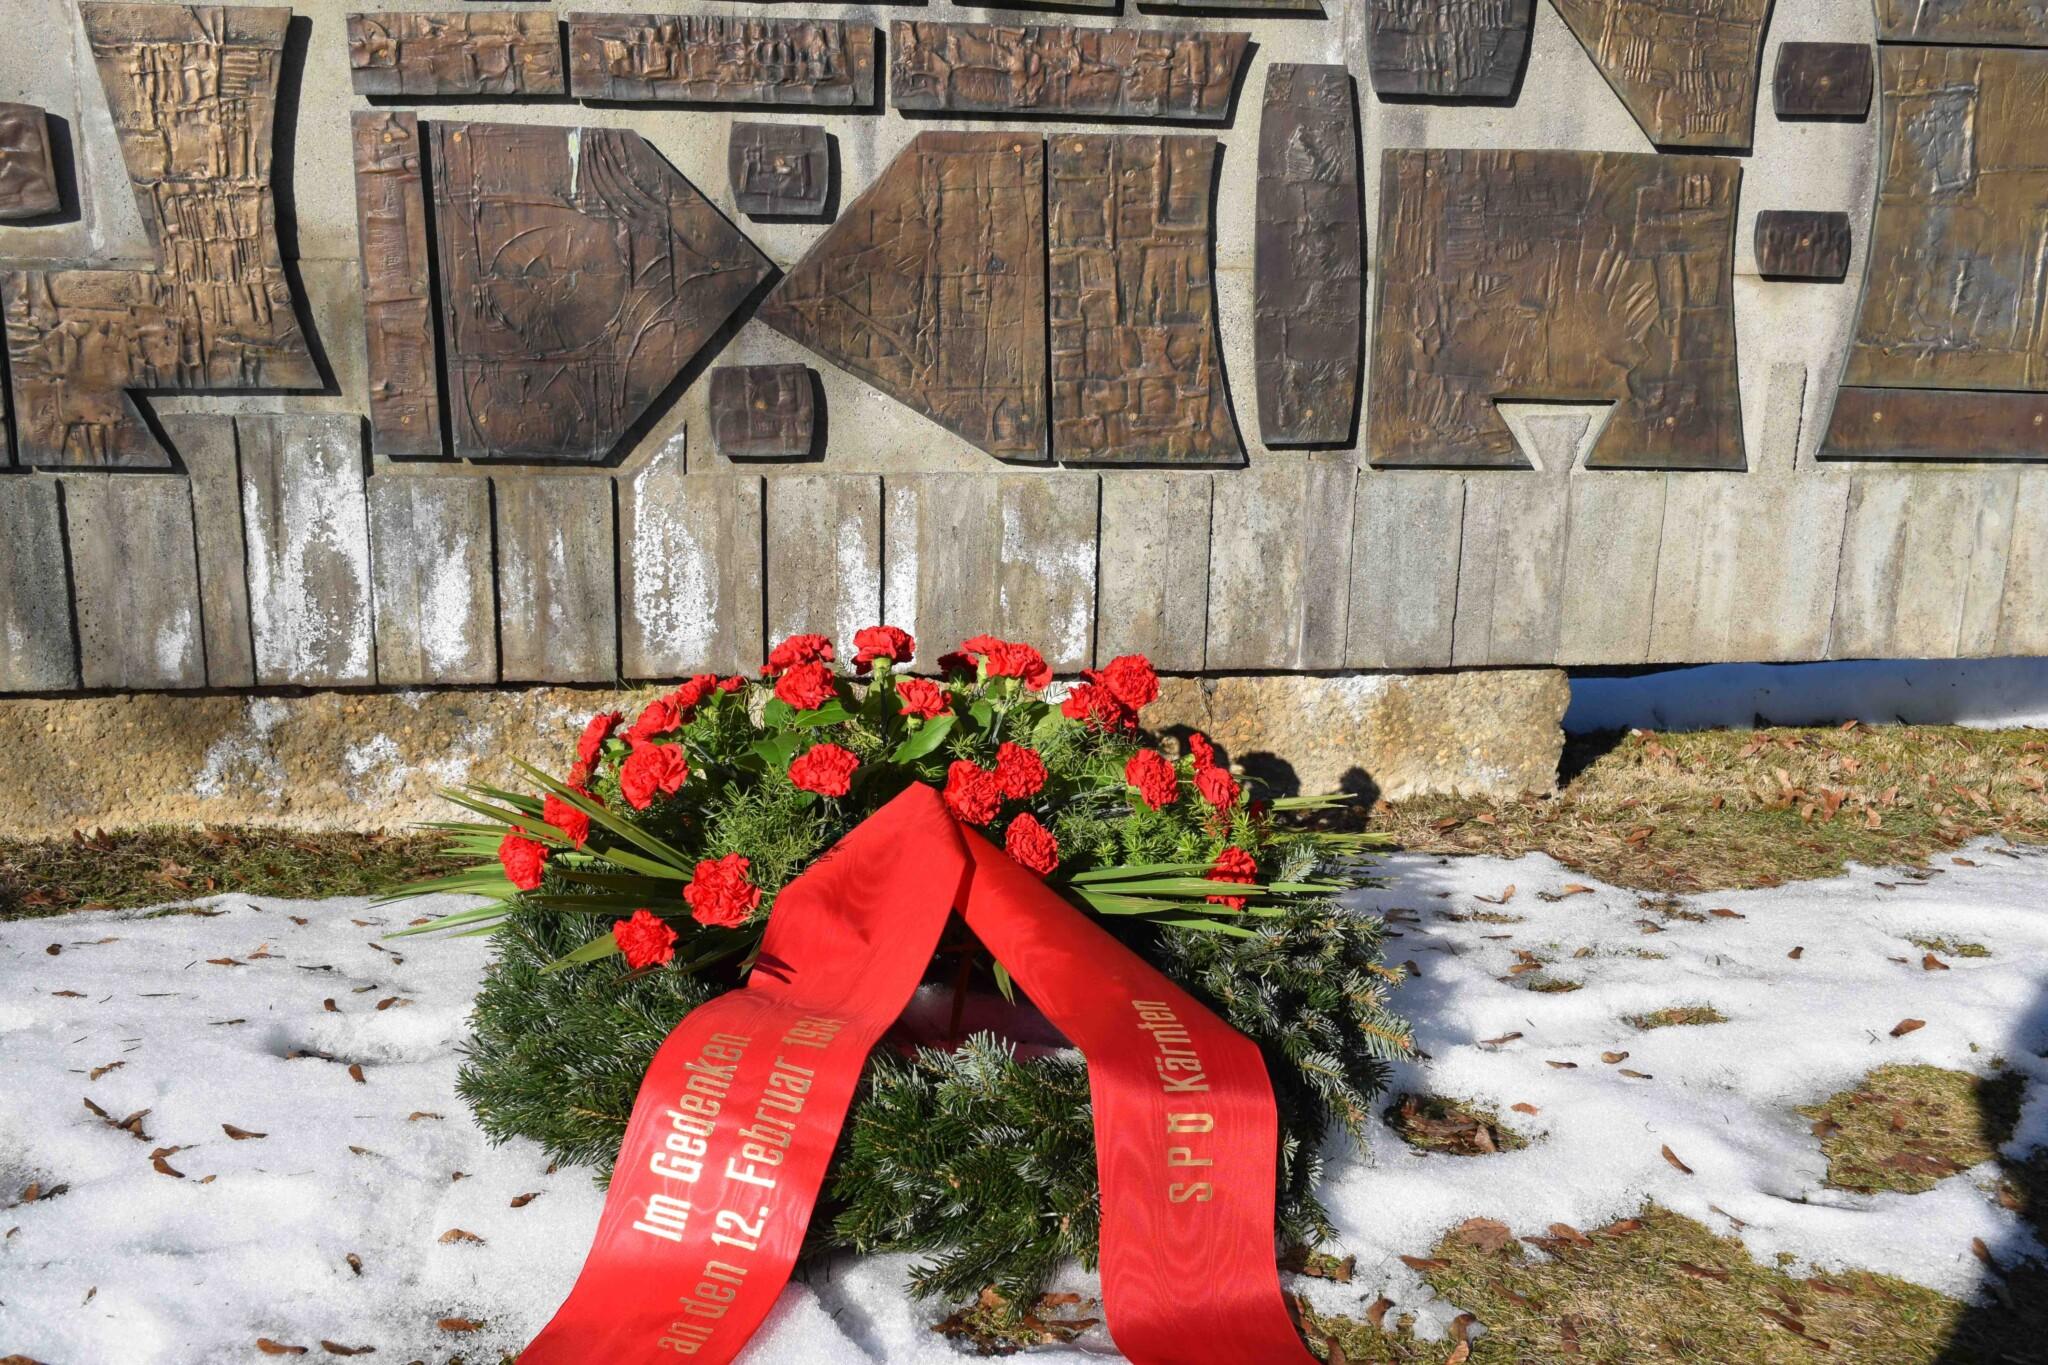 Am Friedhof Annabichl/Klagenfurt wurden heute Kränze niedergelegt um an die Ereignisse am 12. Februar 1934 zu erinnern.